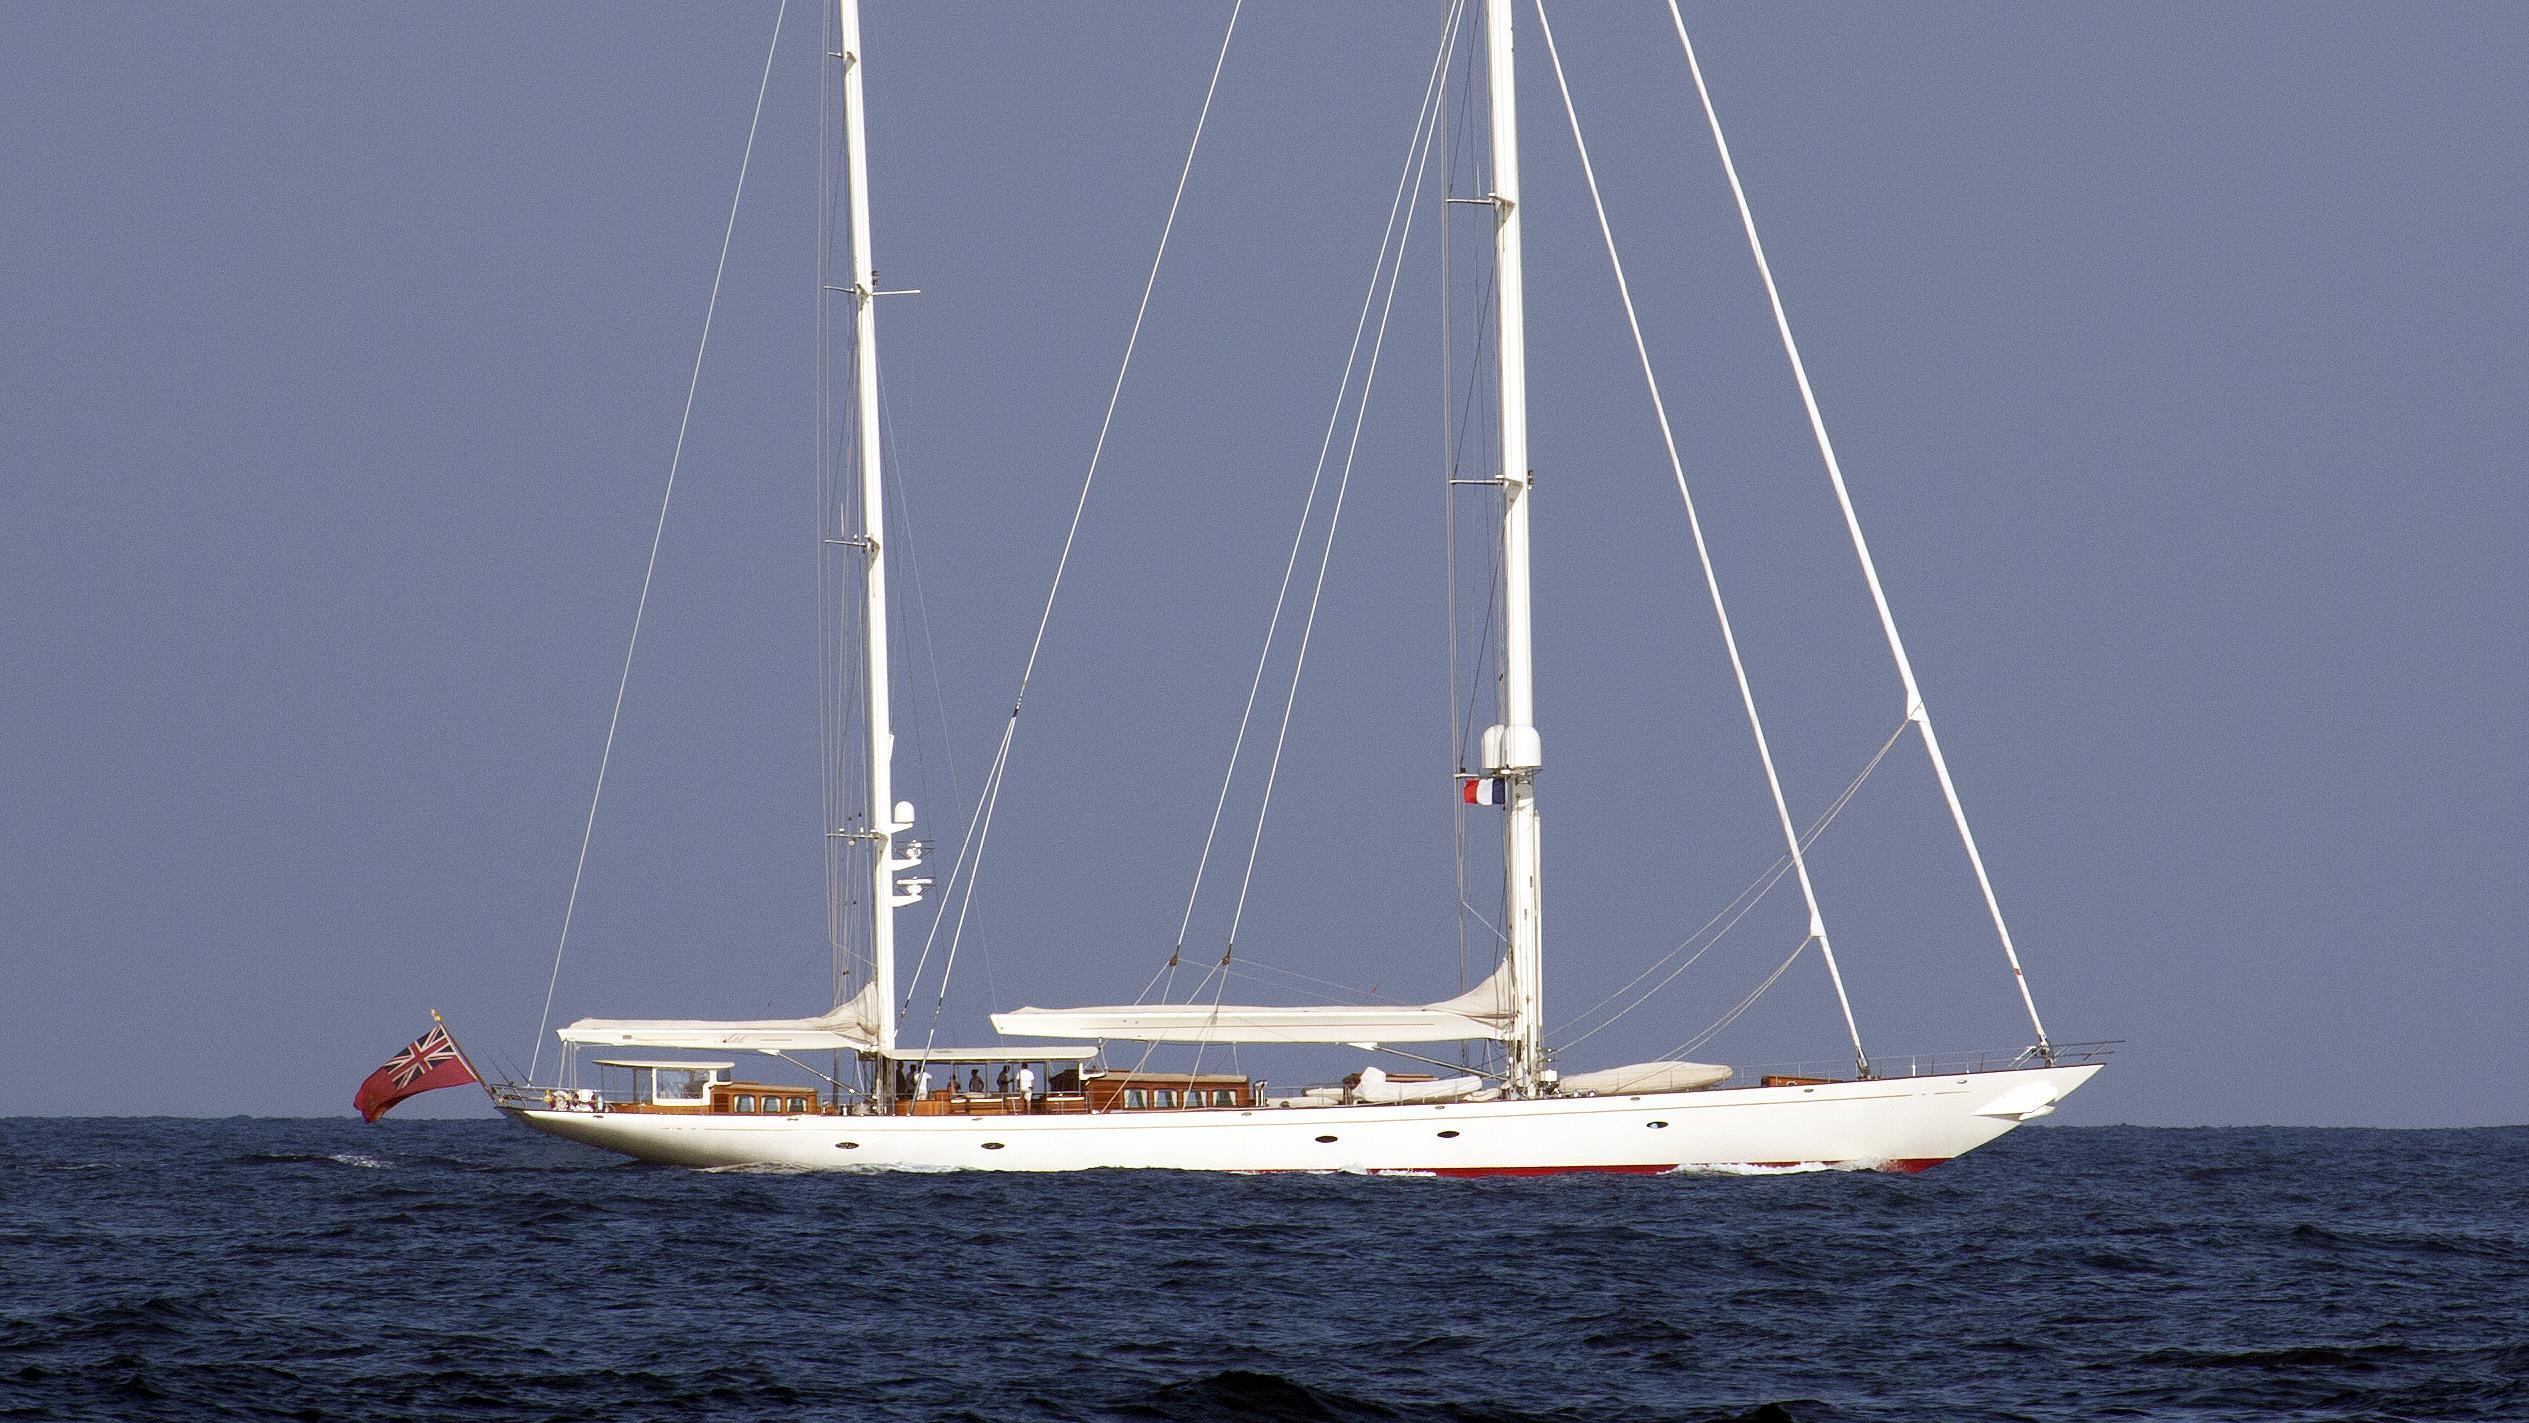 adele-sailing-yacht-vitters-2005-55m-profile